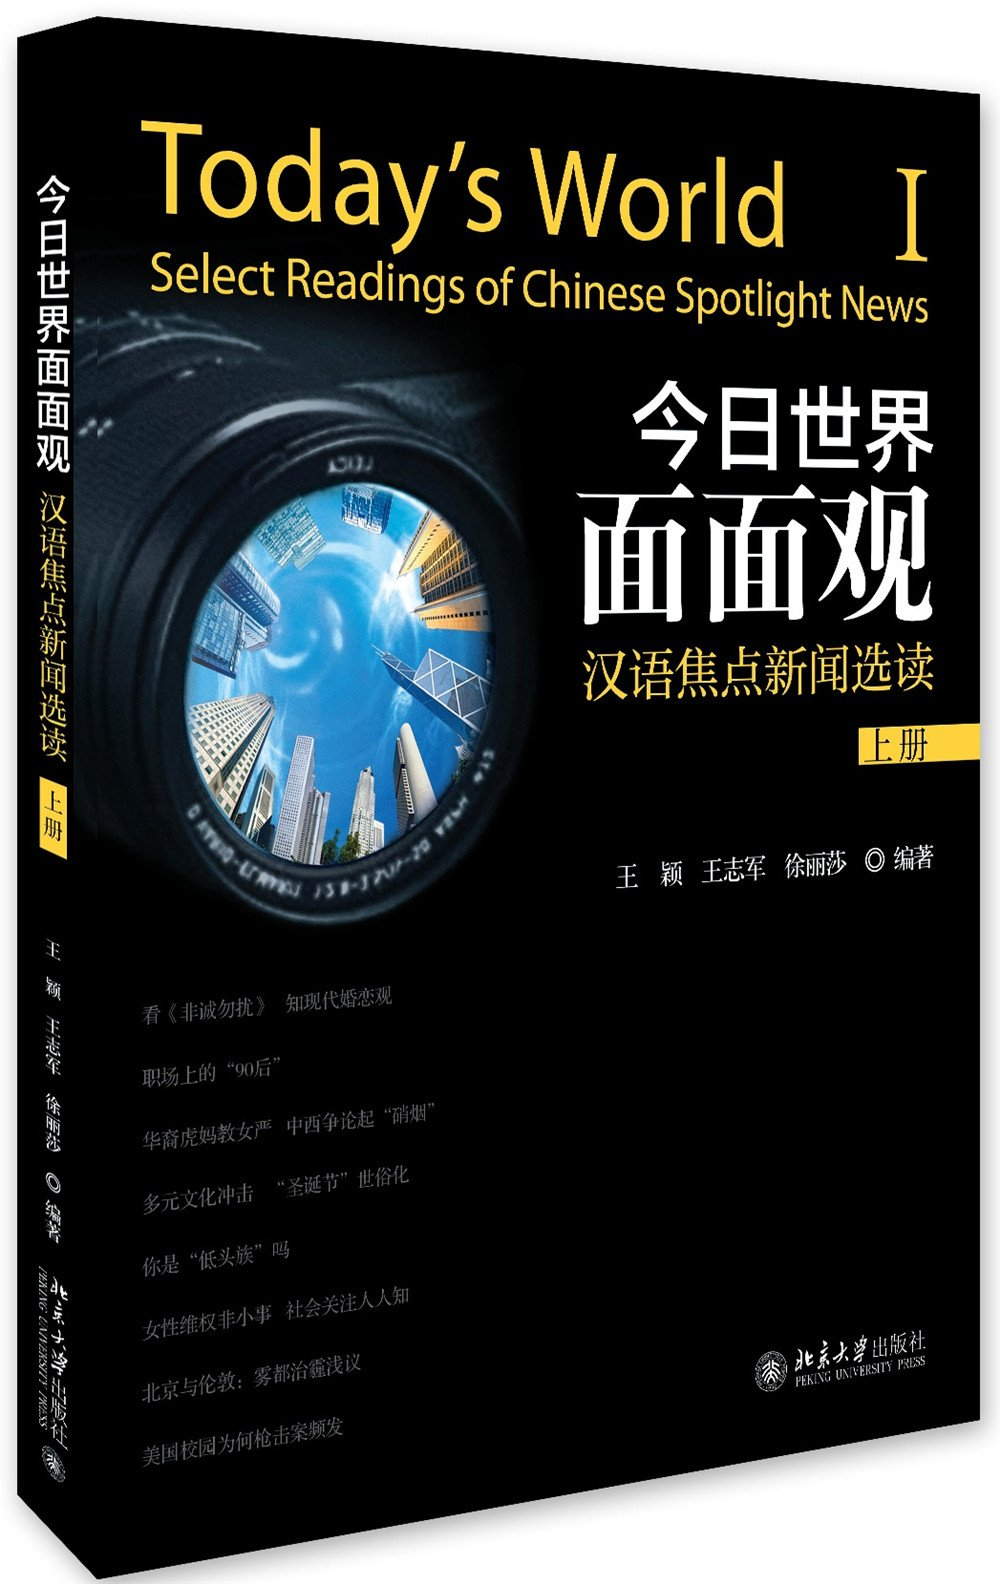 今日世界面面觀:漢語焦點新聞選讀(上冊)(含練習本一冊)